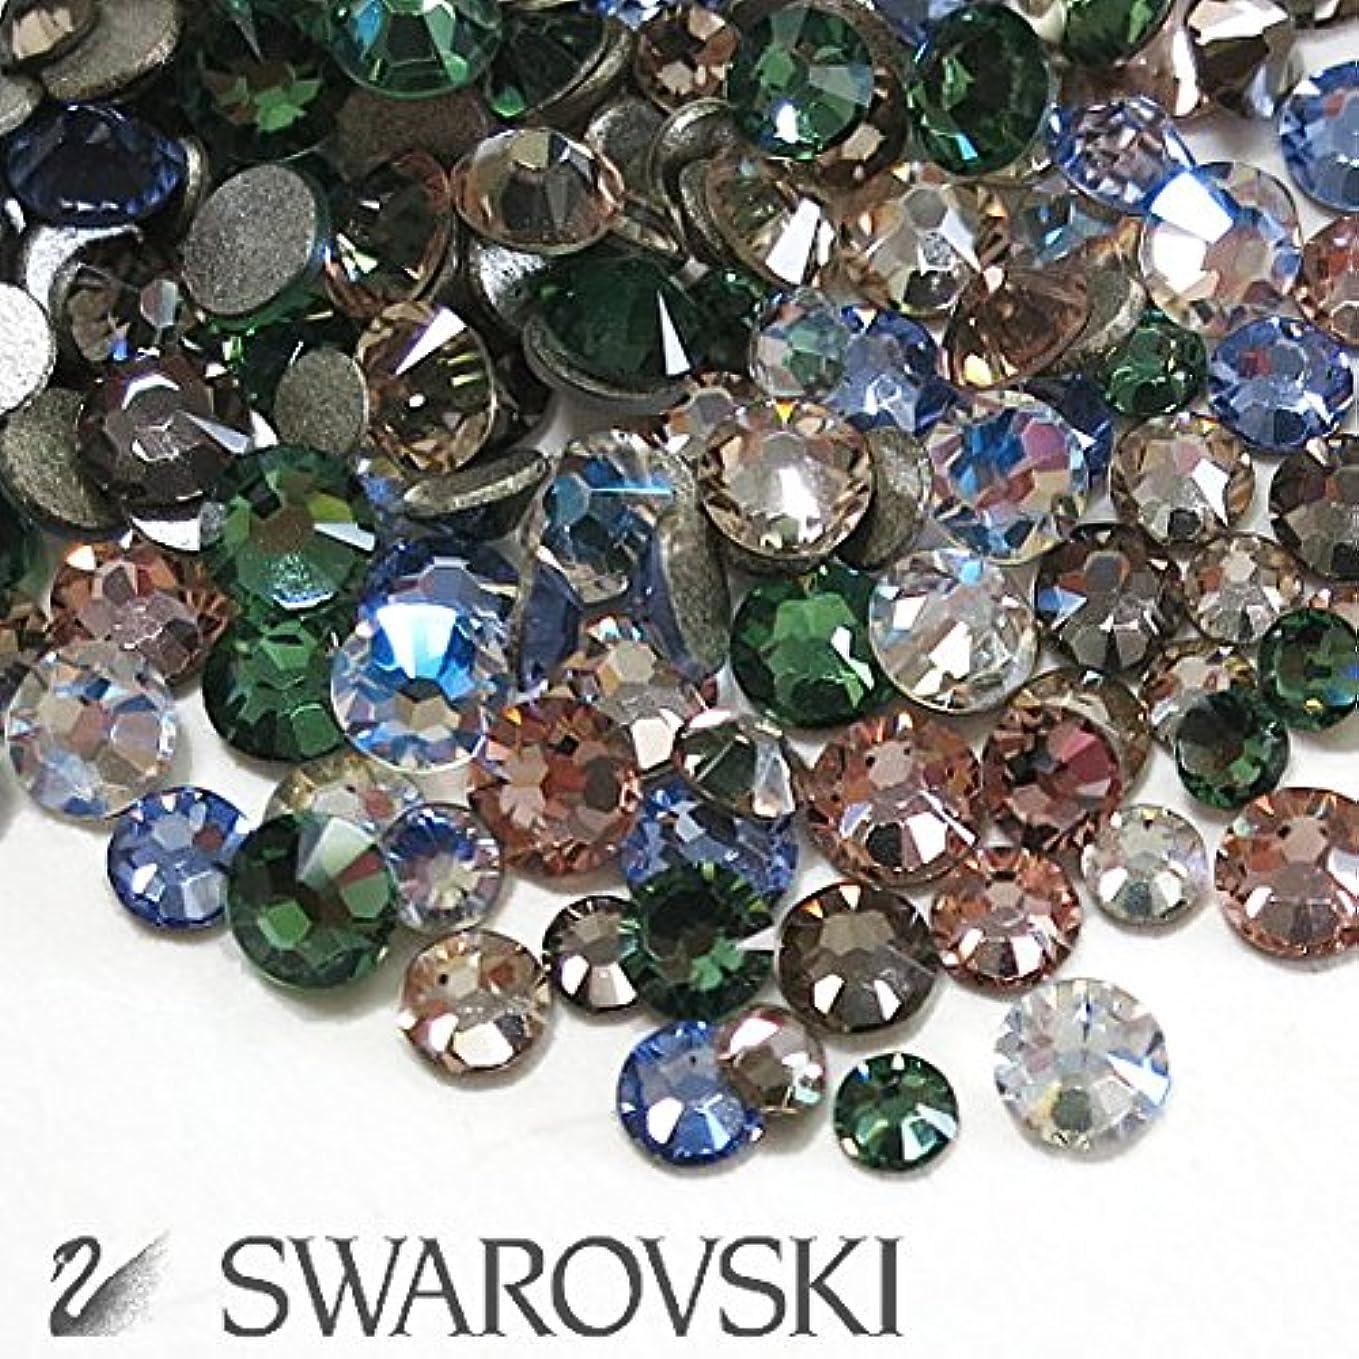 スワロフスキー(Swarovski) クリスタライズ ラインストーン ネイルサイズMIX (100粒) ヴィンテージペールMIX